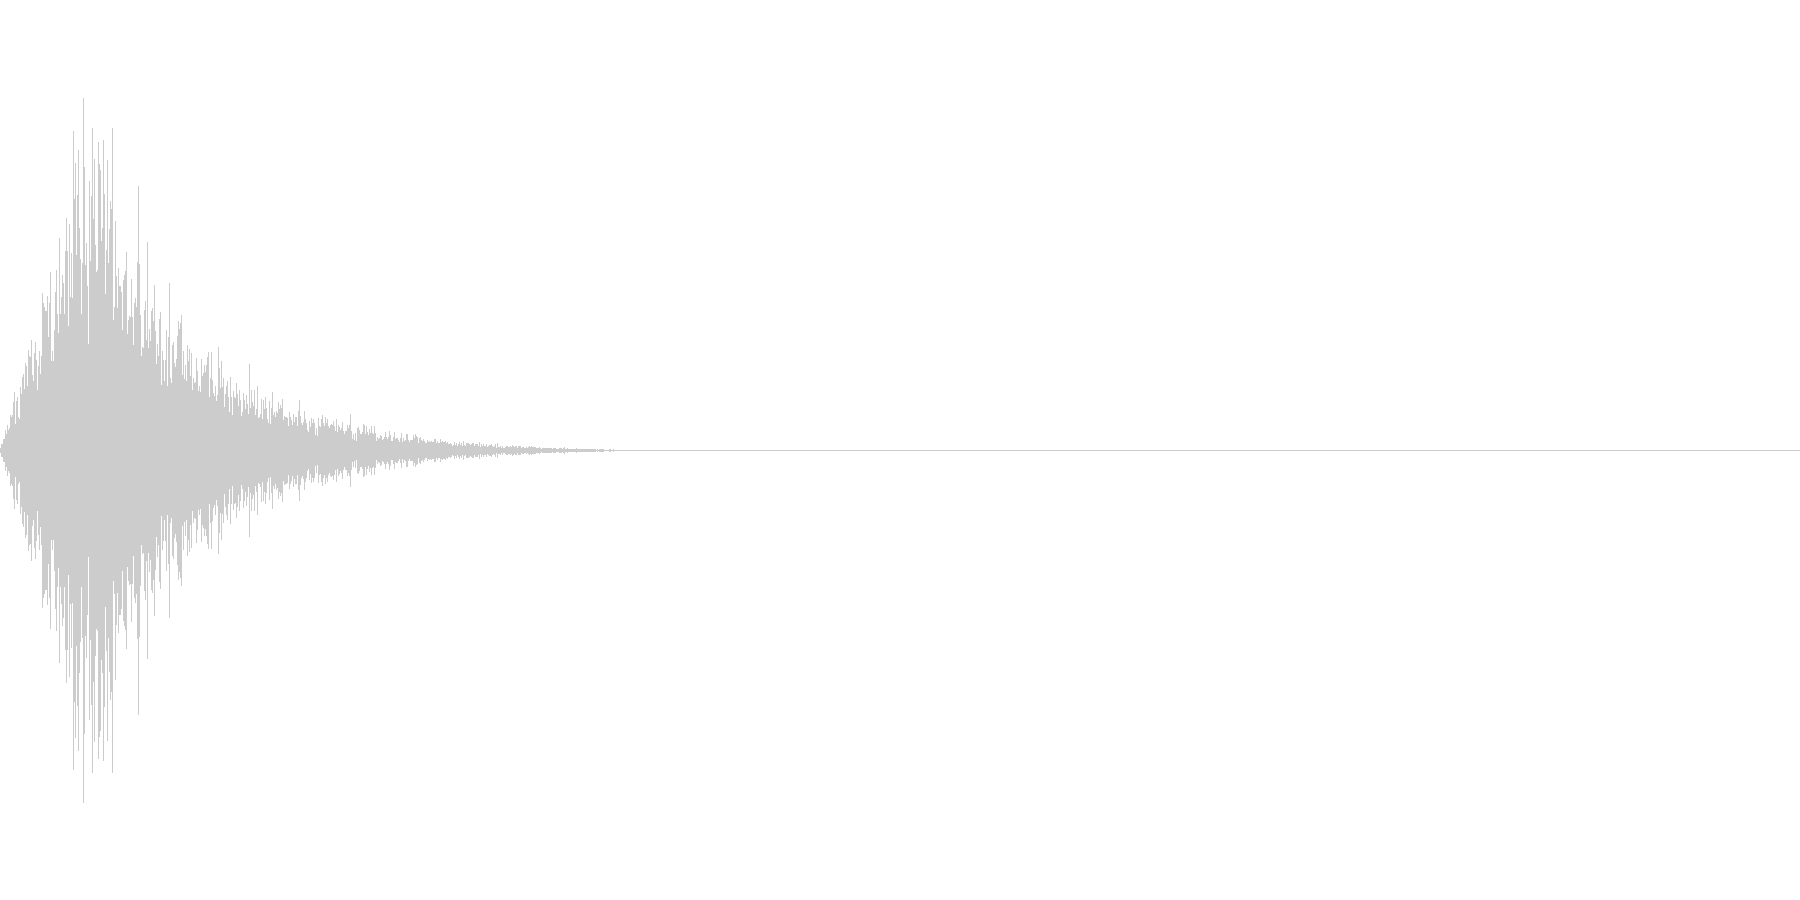 消す/スワイプ/スイング/振るの未再生の波形